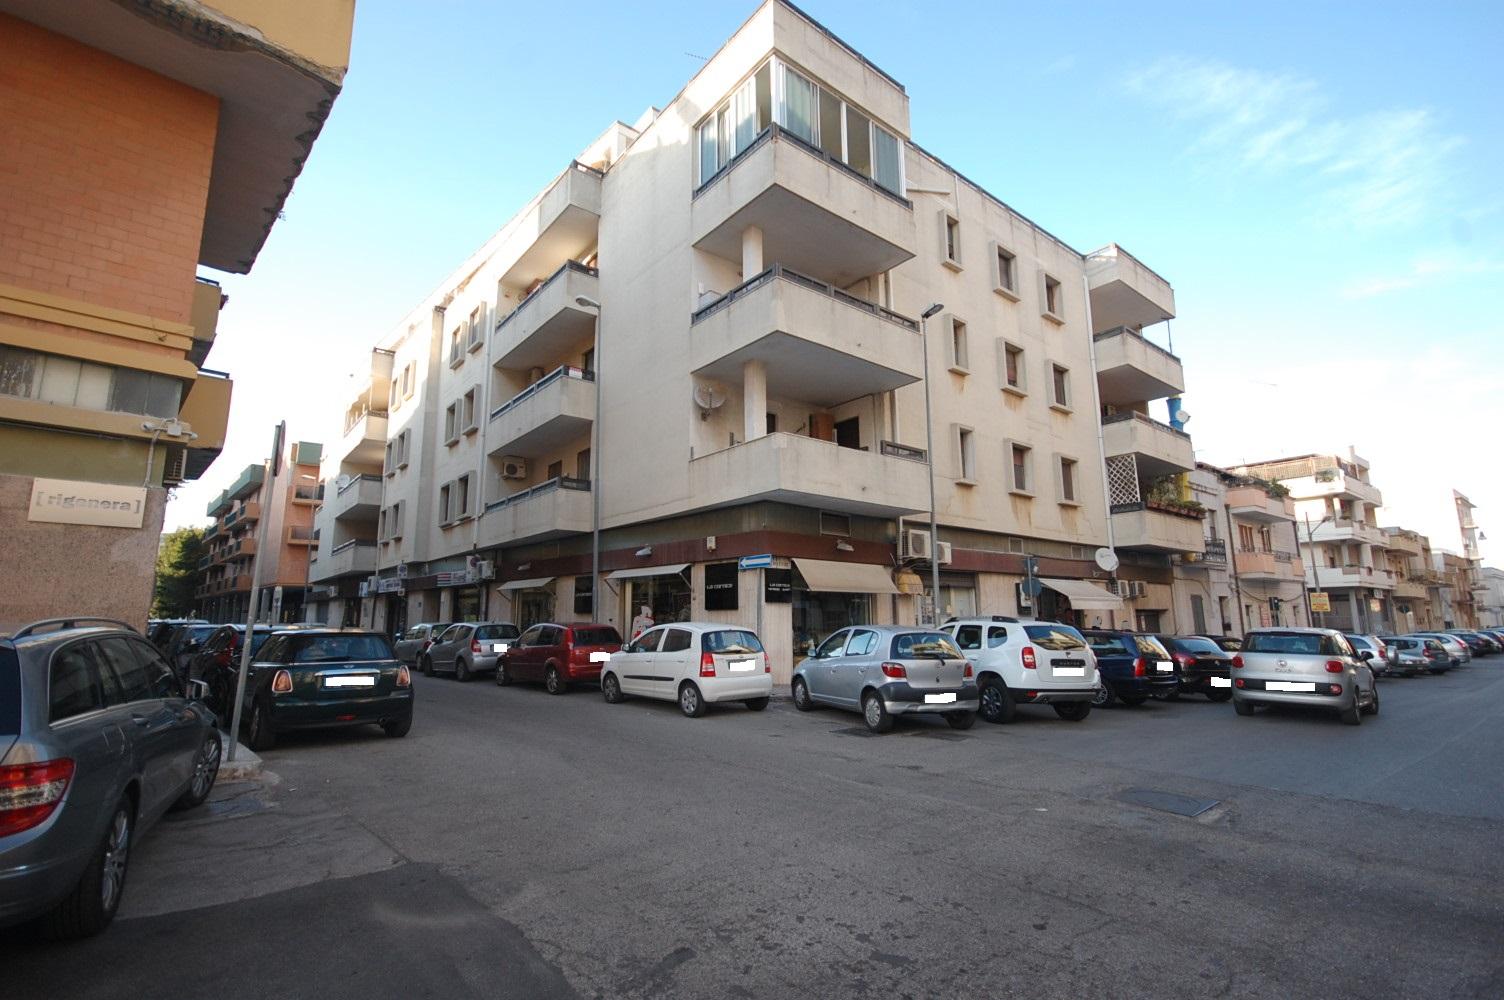 Appartamento in vendita a Brindisi, 5 locali, zona Zona: Commenda, prezzo € 135.000   Cambio Casa.it